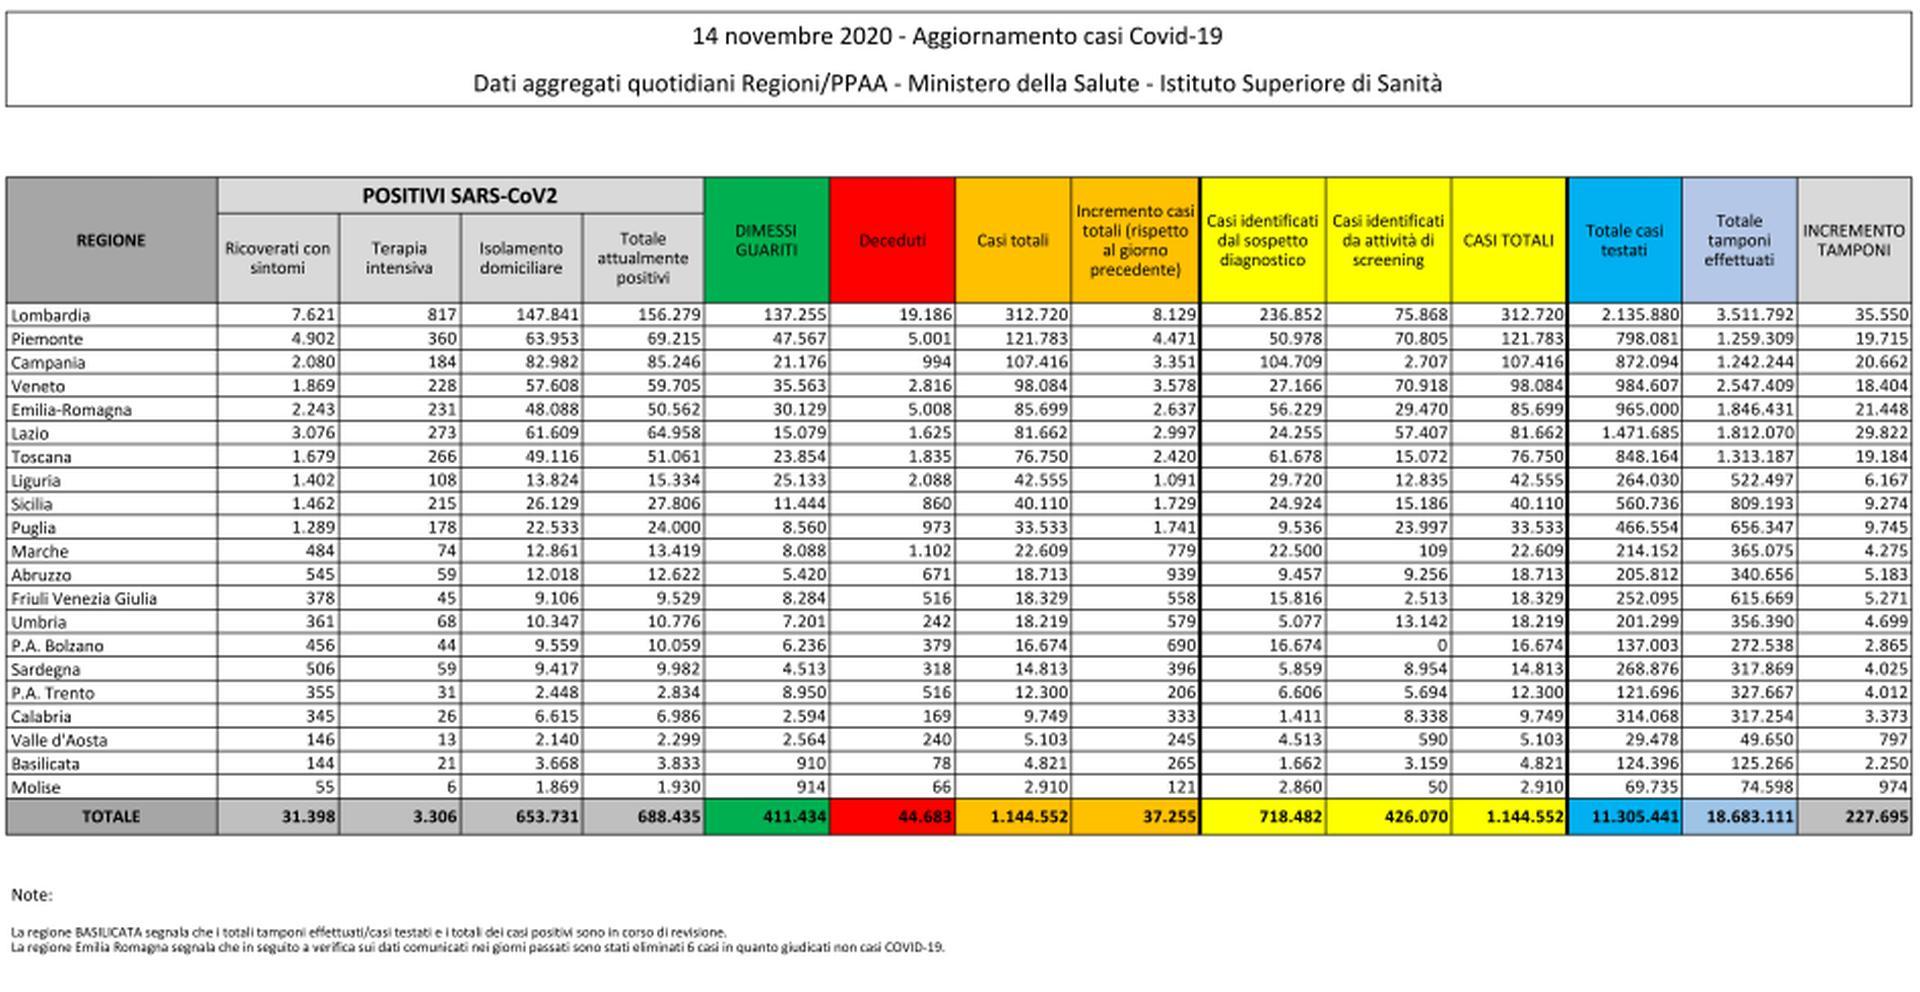 14 novembre 2020 - Aggiornamento casi Covid-19 Dati aggregati quotidiani Regioni/PPAA - Ministero della Salute - Istituto Superiore di Sanità